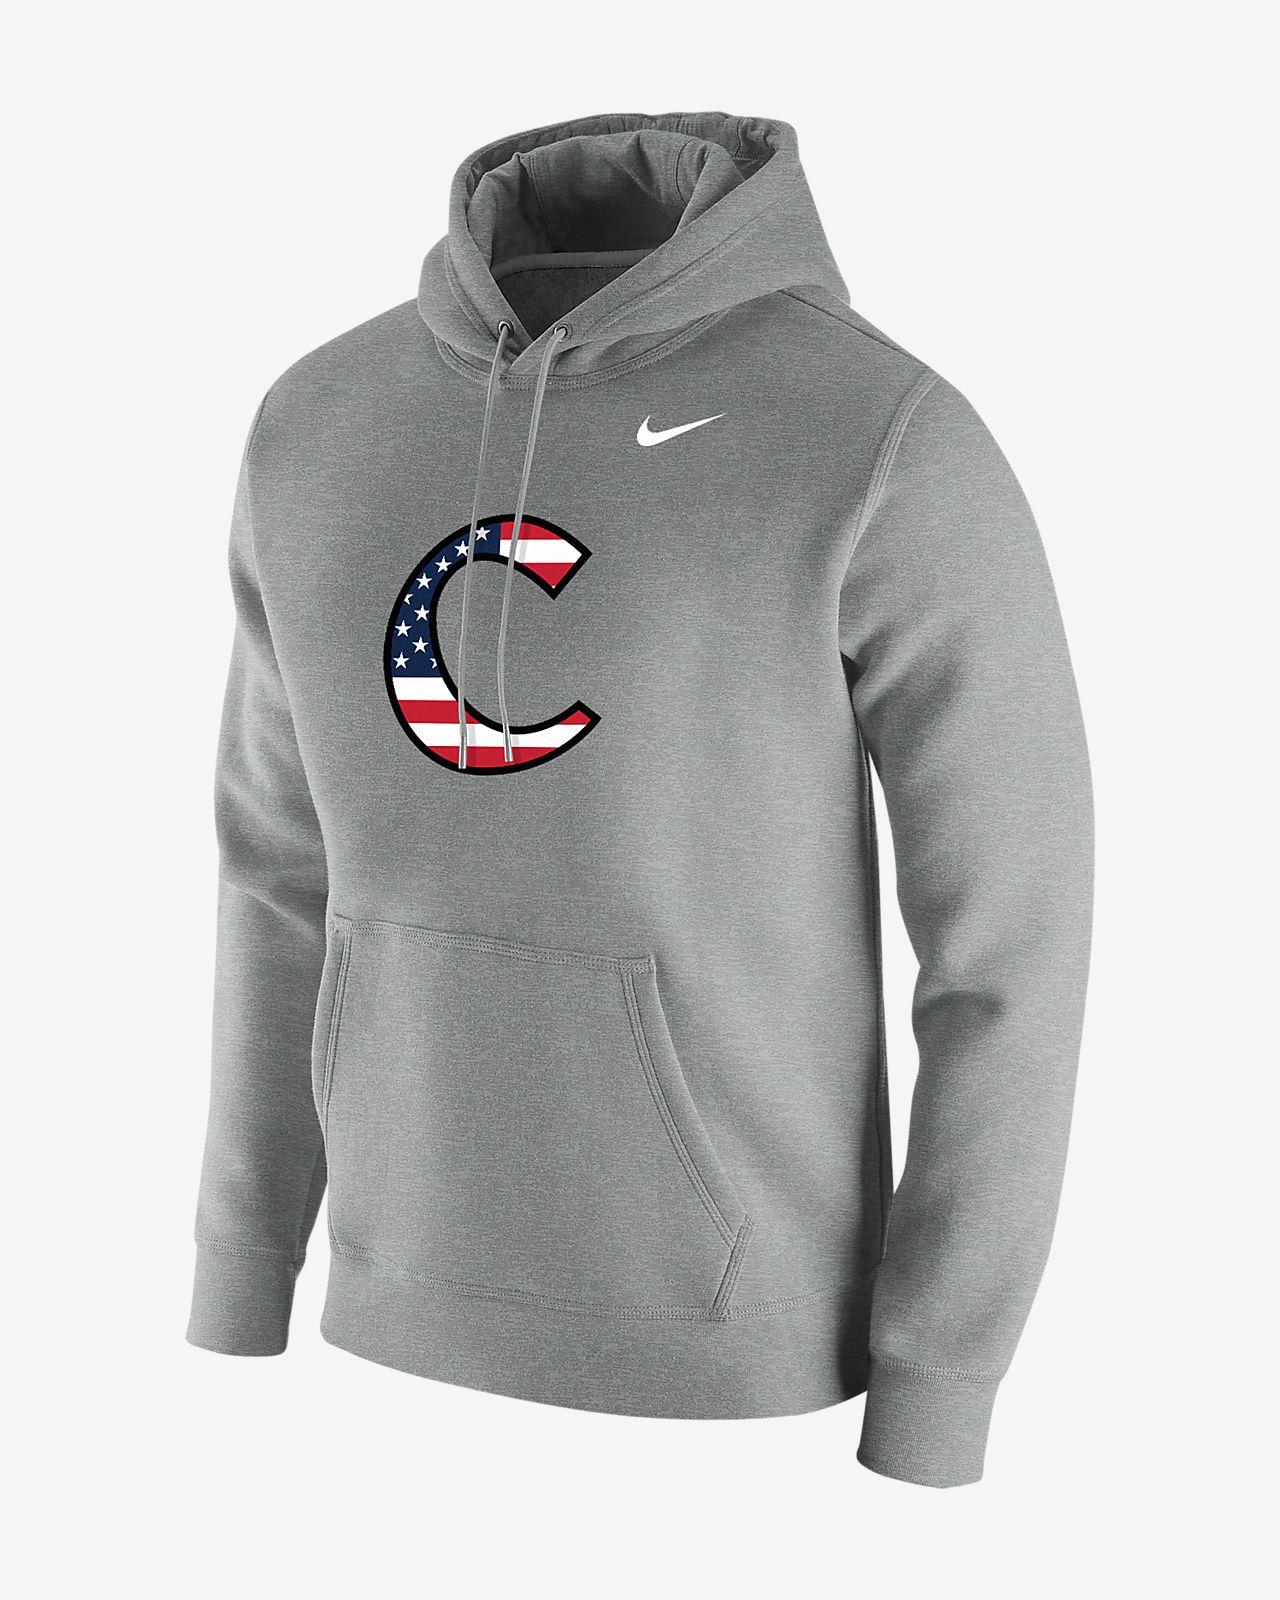 Nike College (Clemson) Men's Hoodie